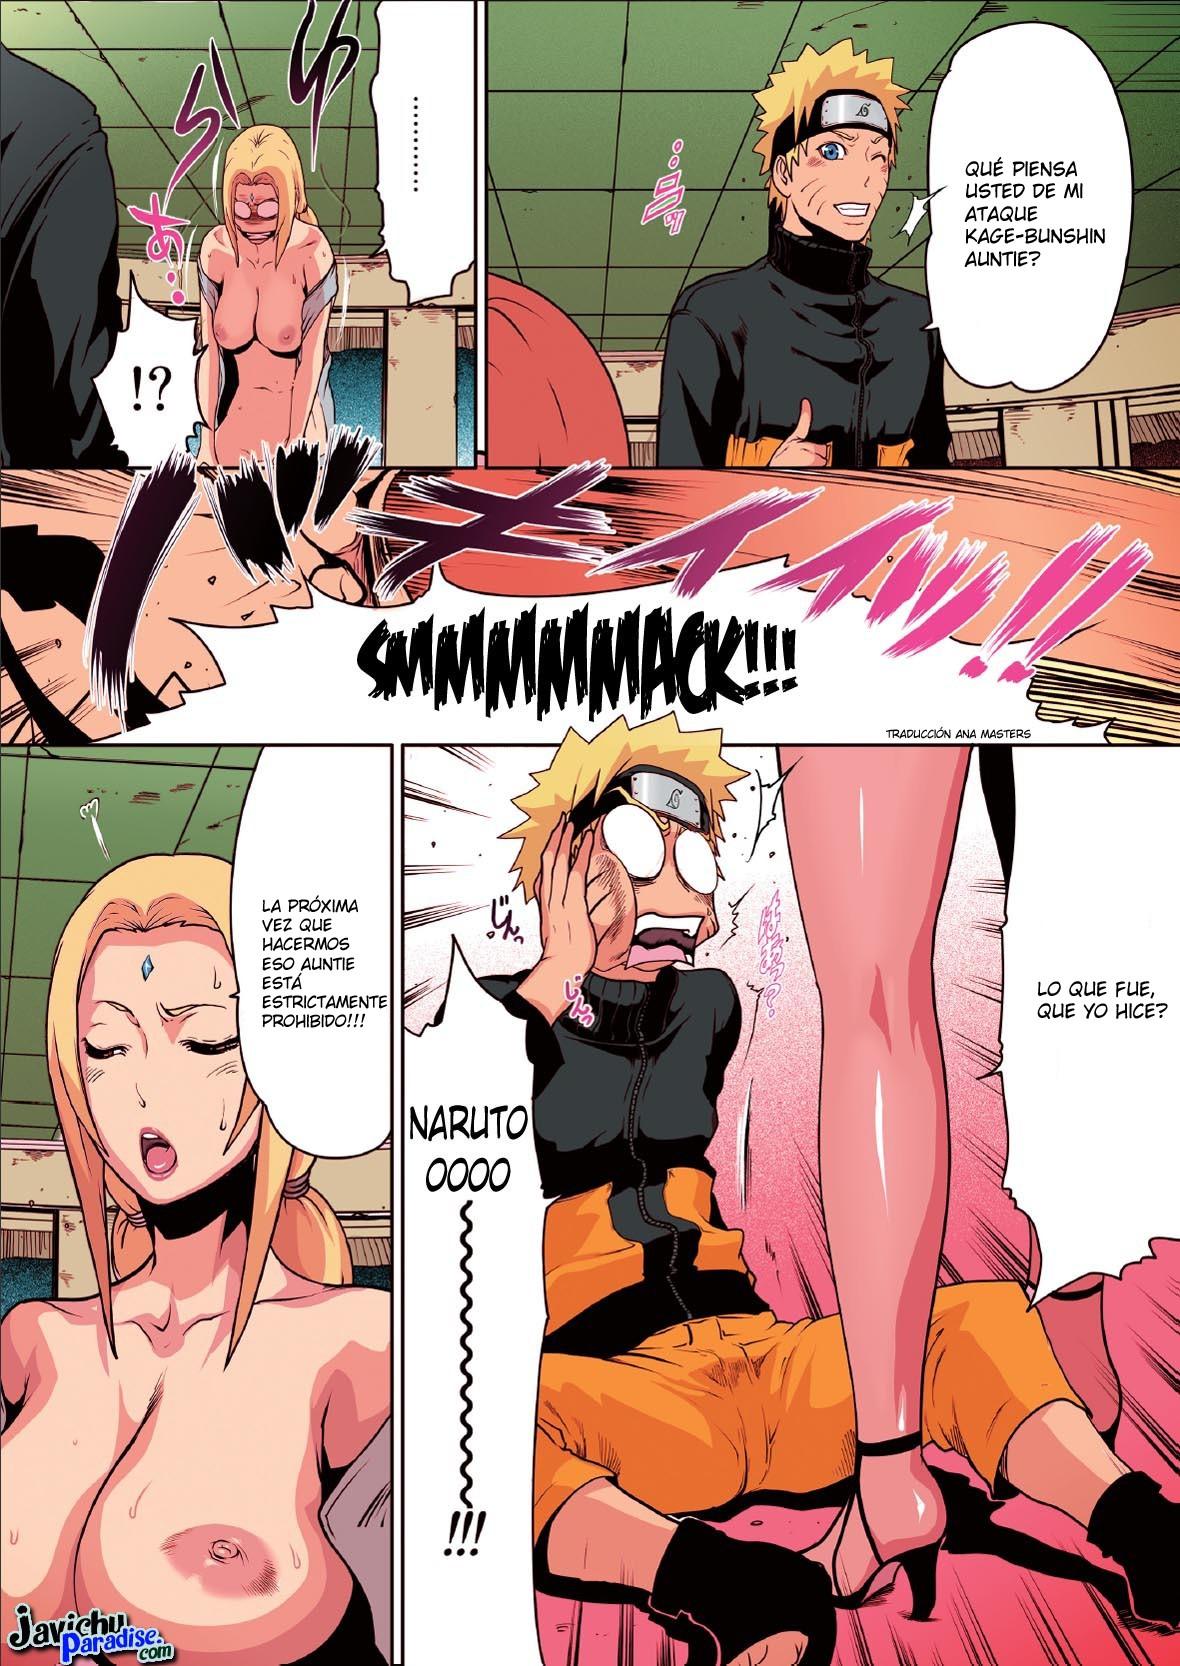 Was Naruto tsunade xxx comic